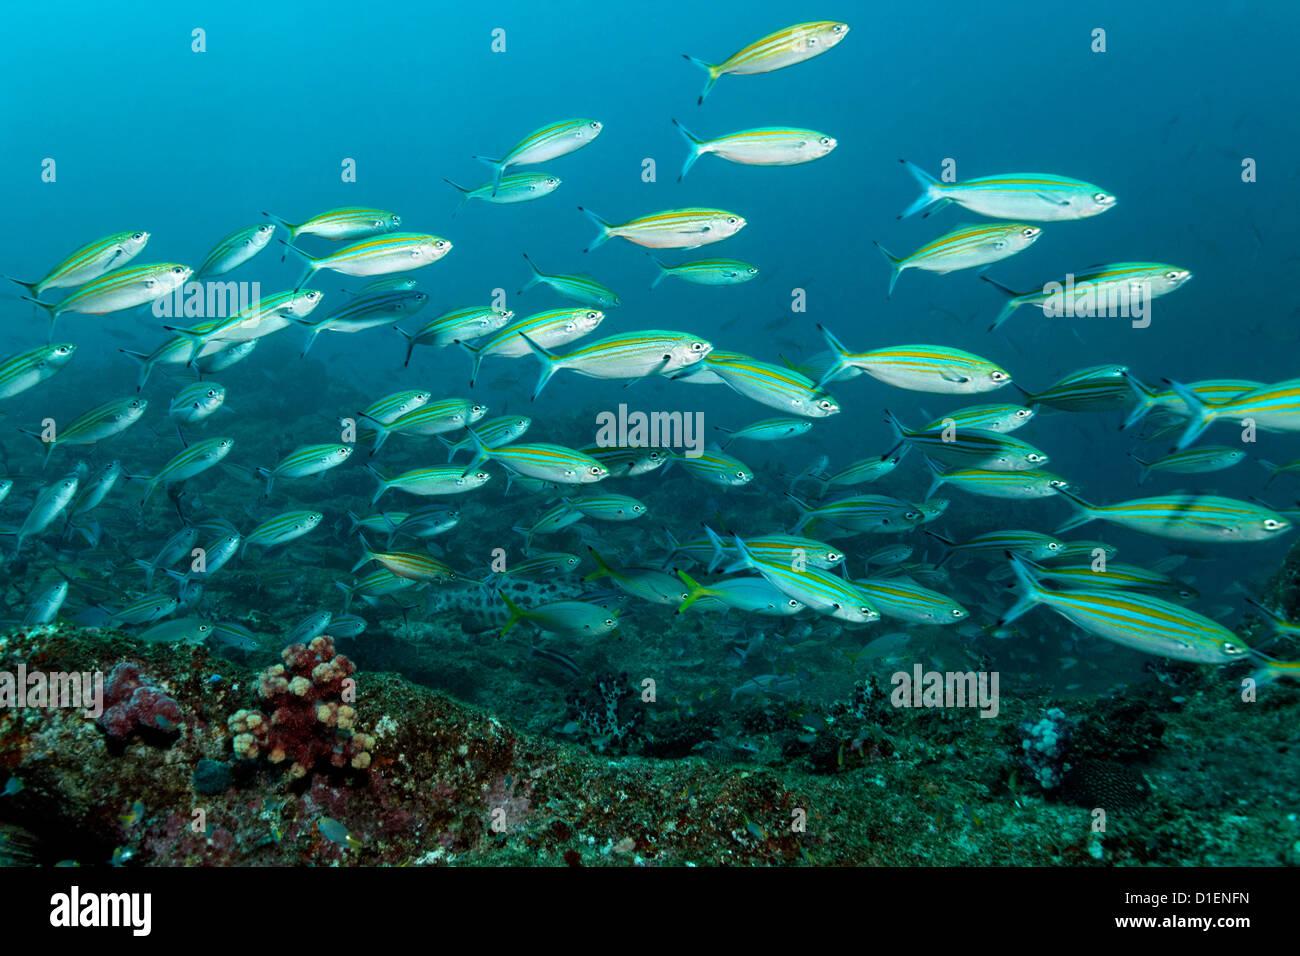 Scuola di variable-rigato fusiliers (Caesio varilineata), Mirbat, Oman, Oceano Indiano, ripresa subacquea Immagini Stock